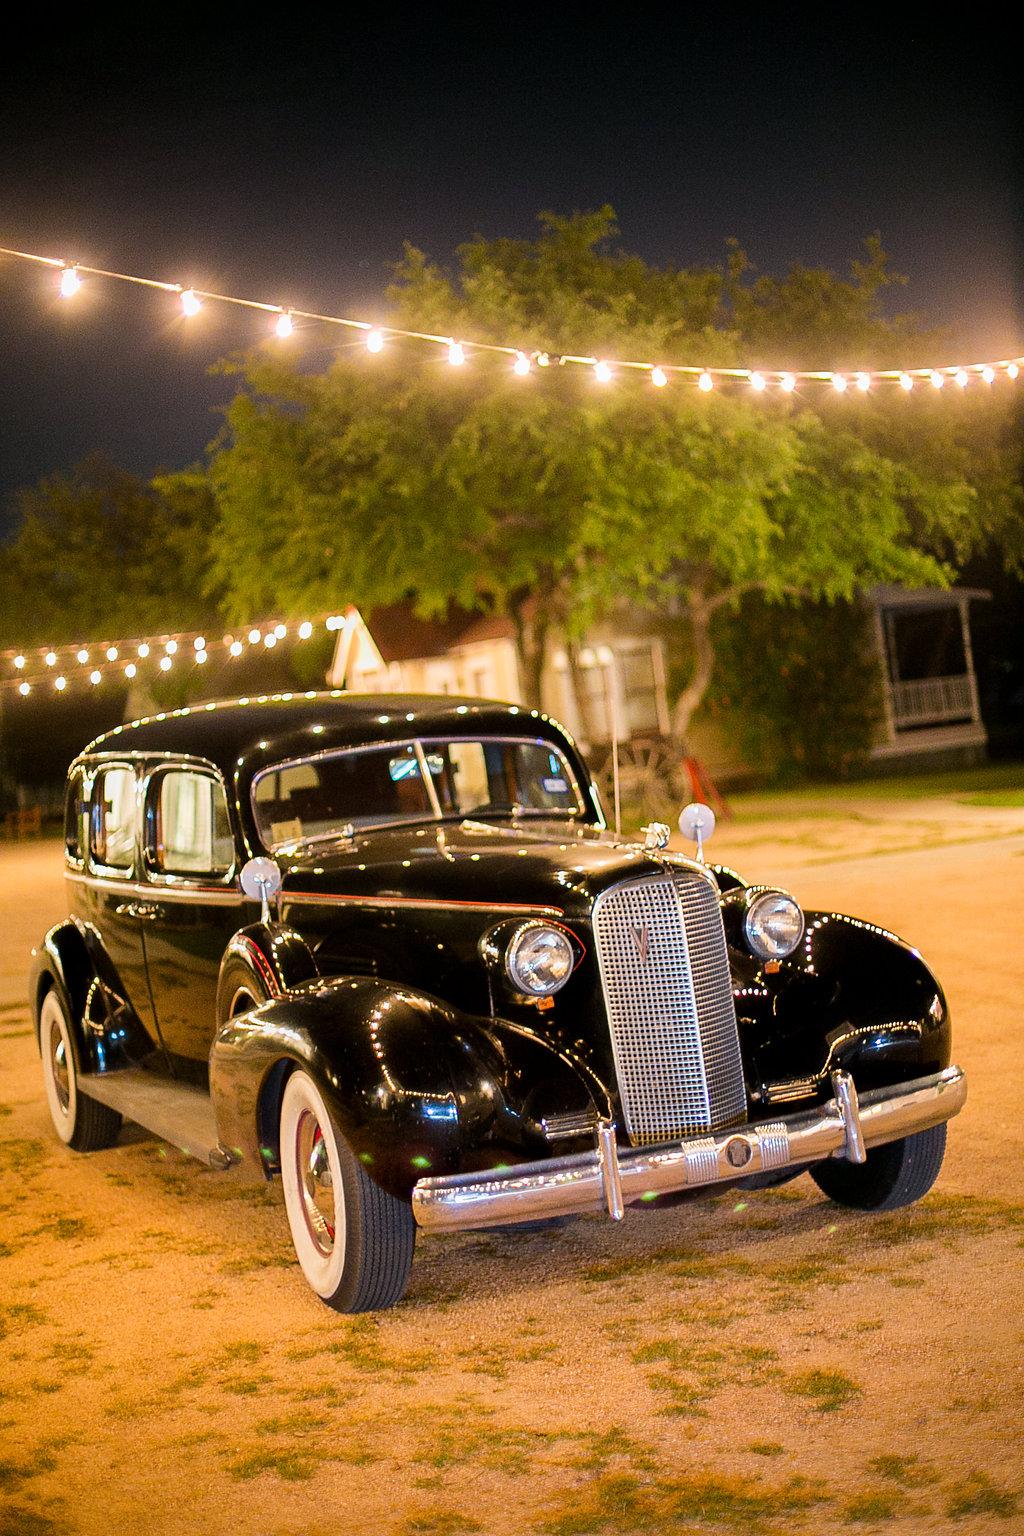 Vintage wedding getaway car 1937 black cadillac